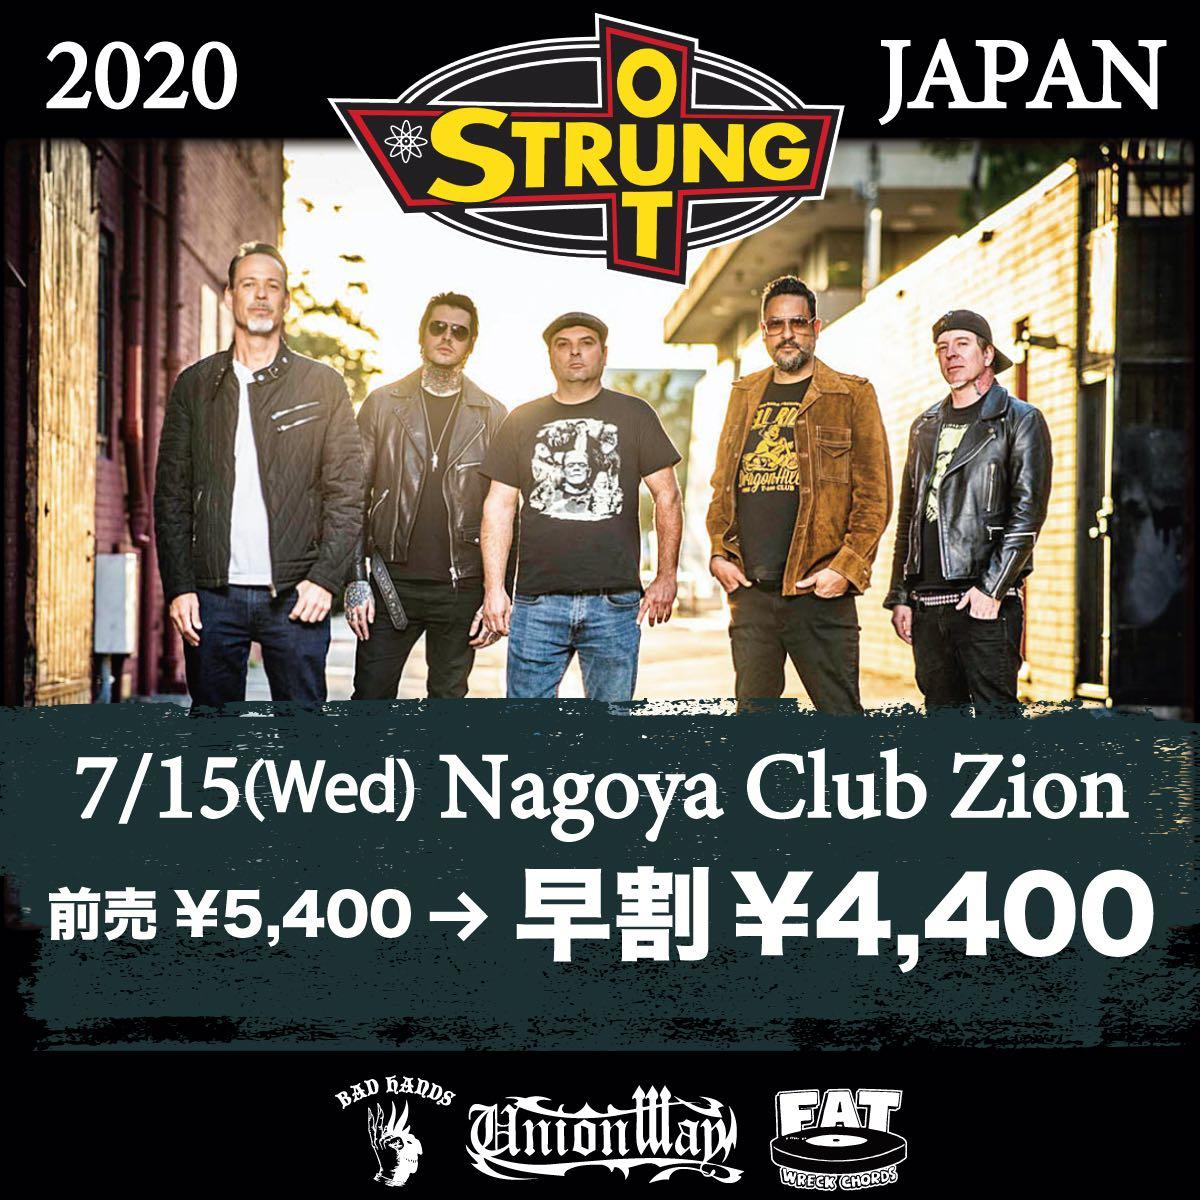 【キャンセル】Club Zion presents STRUNG OUT JAPAN TOUR 2020の写真